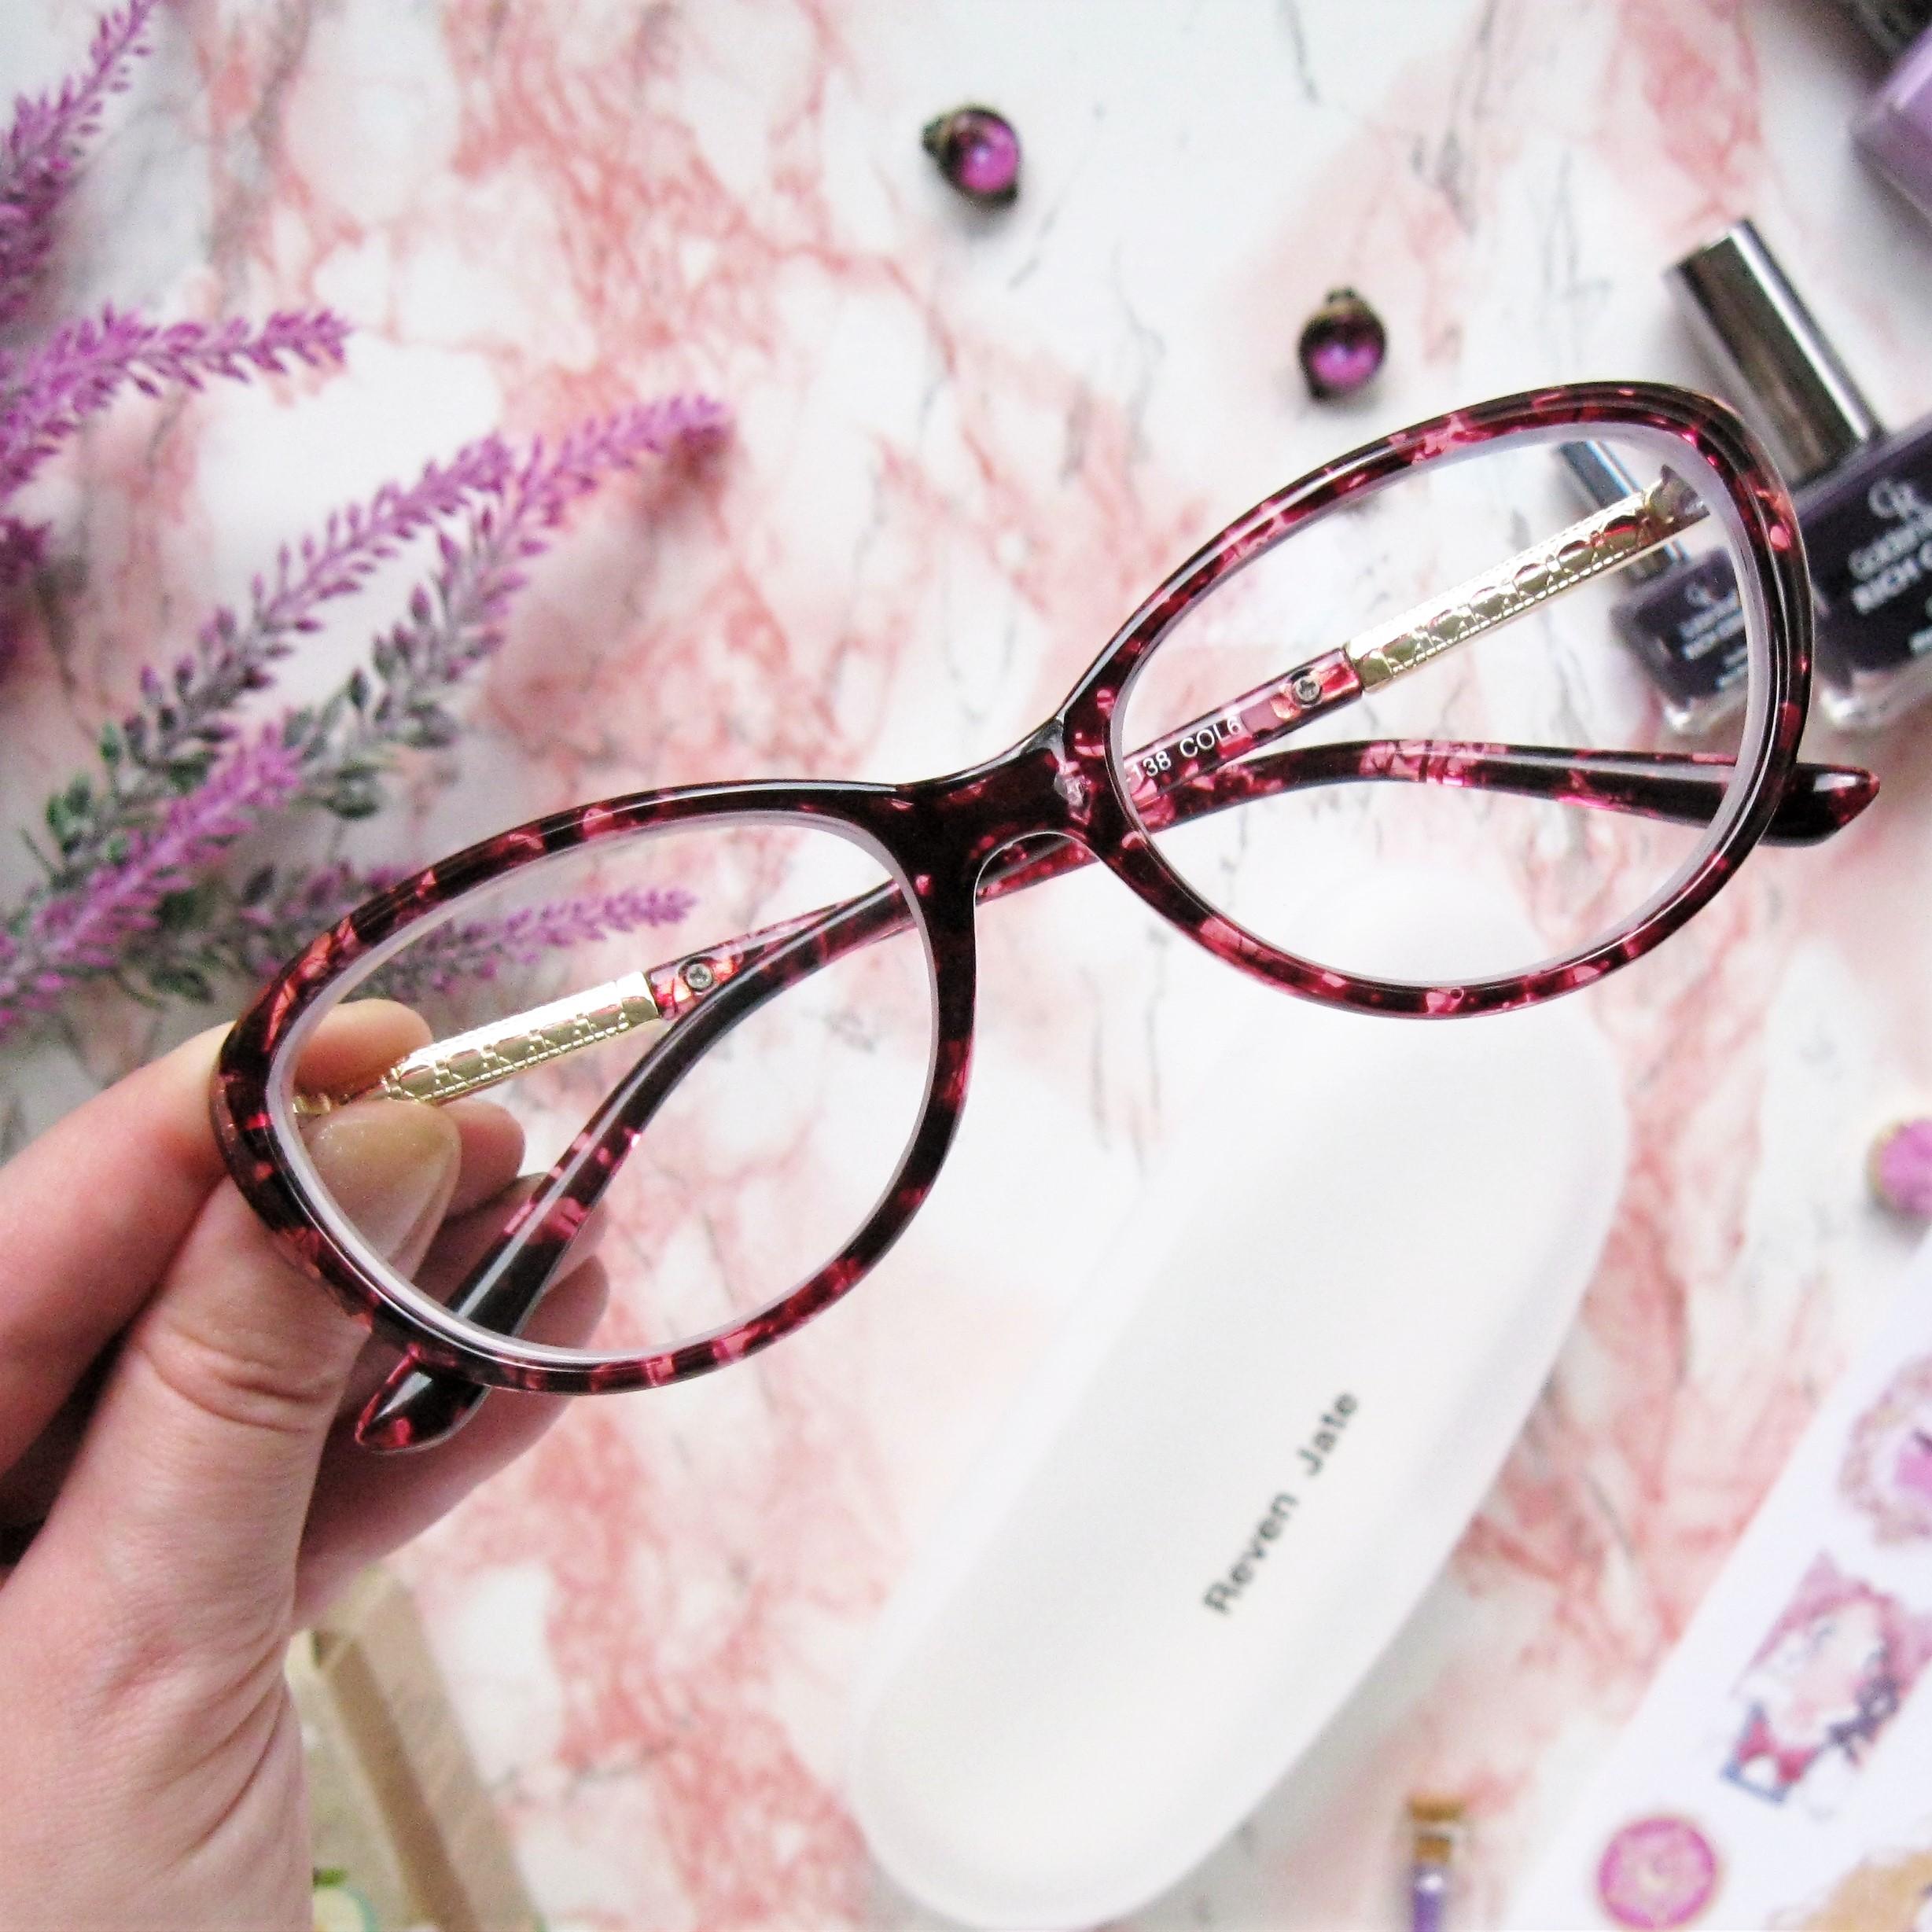 Недорогие рецептурные очки! Как заказать  линзы с AliExpress и другие тонкости. - отзывы